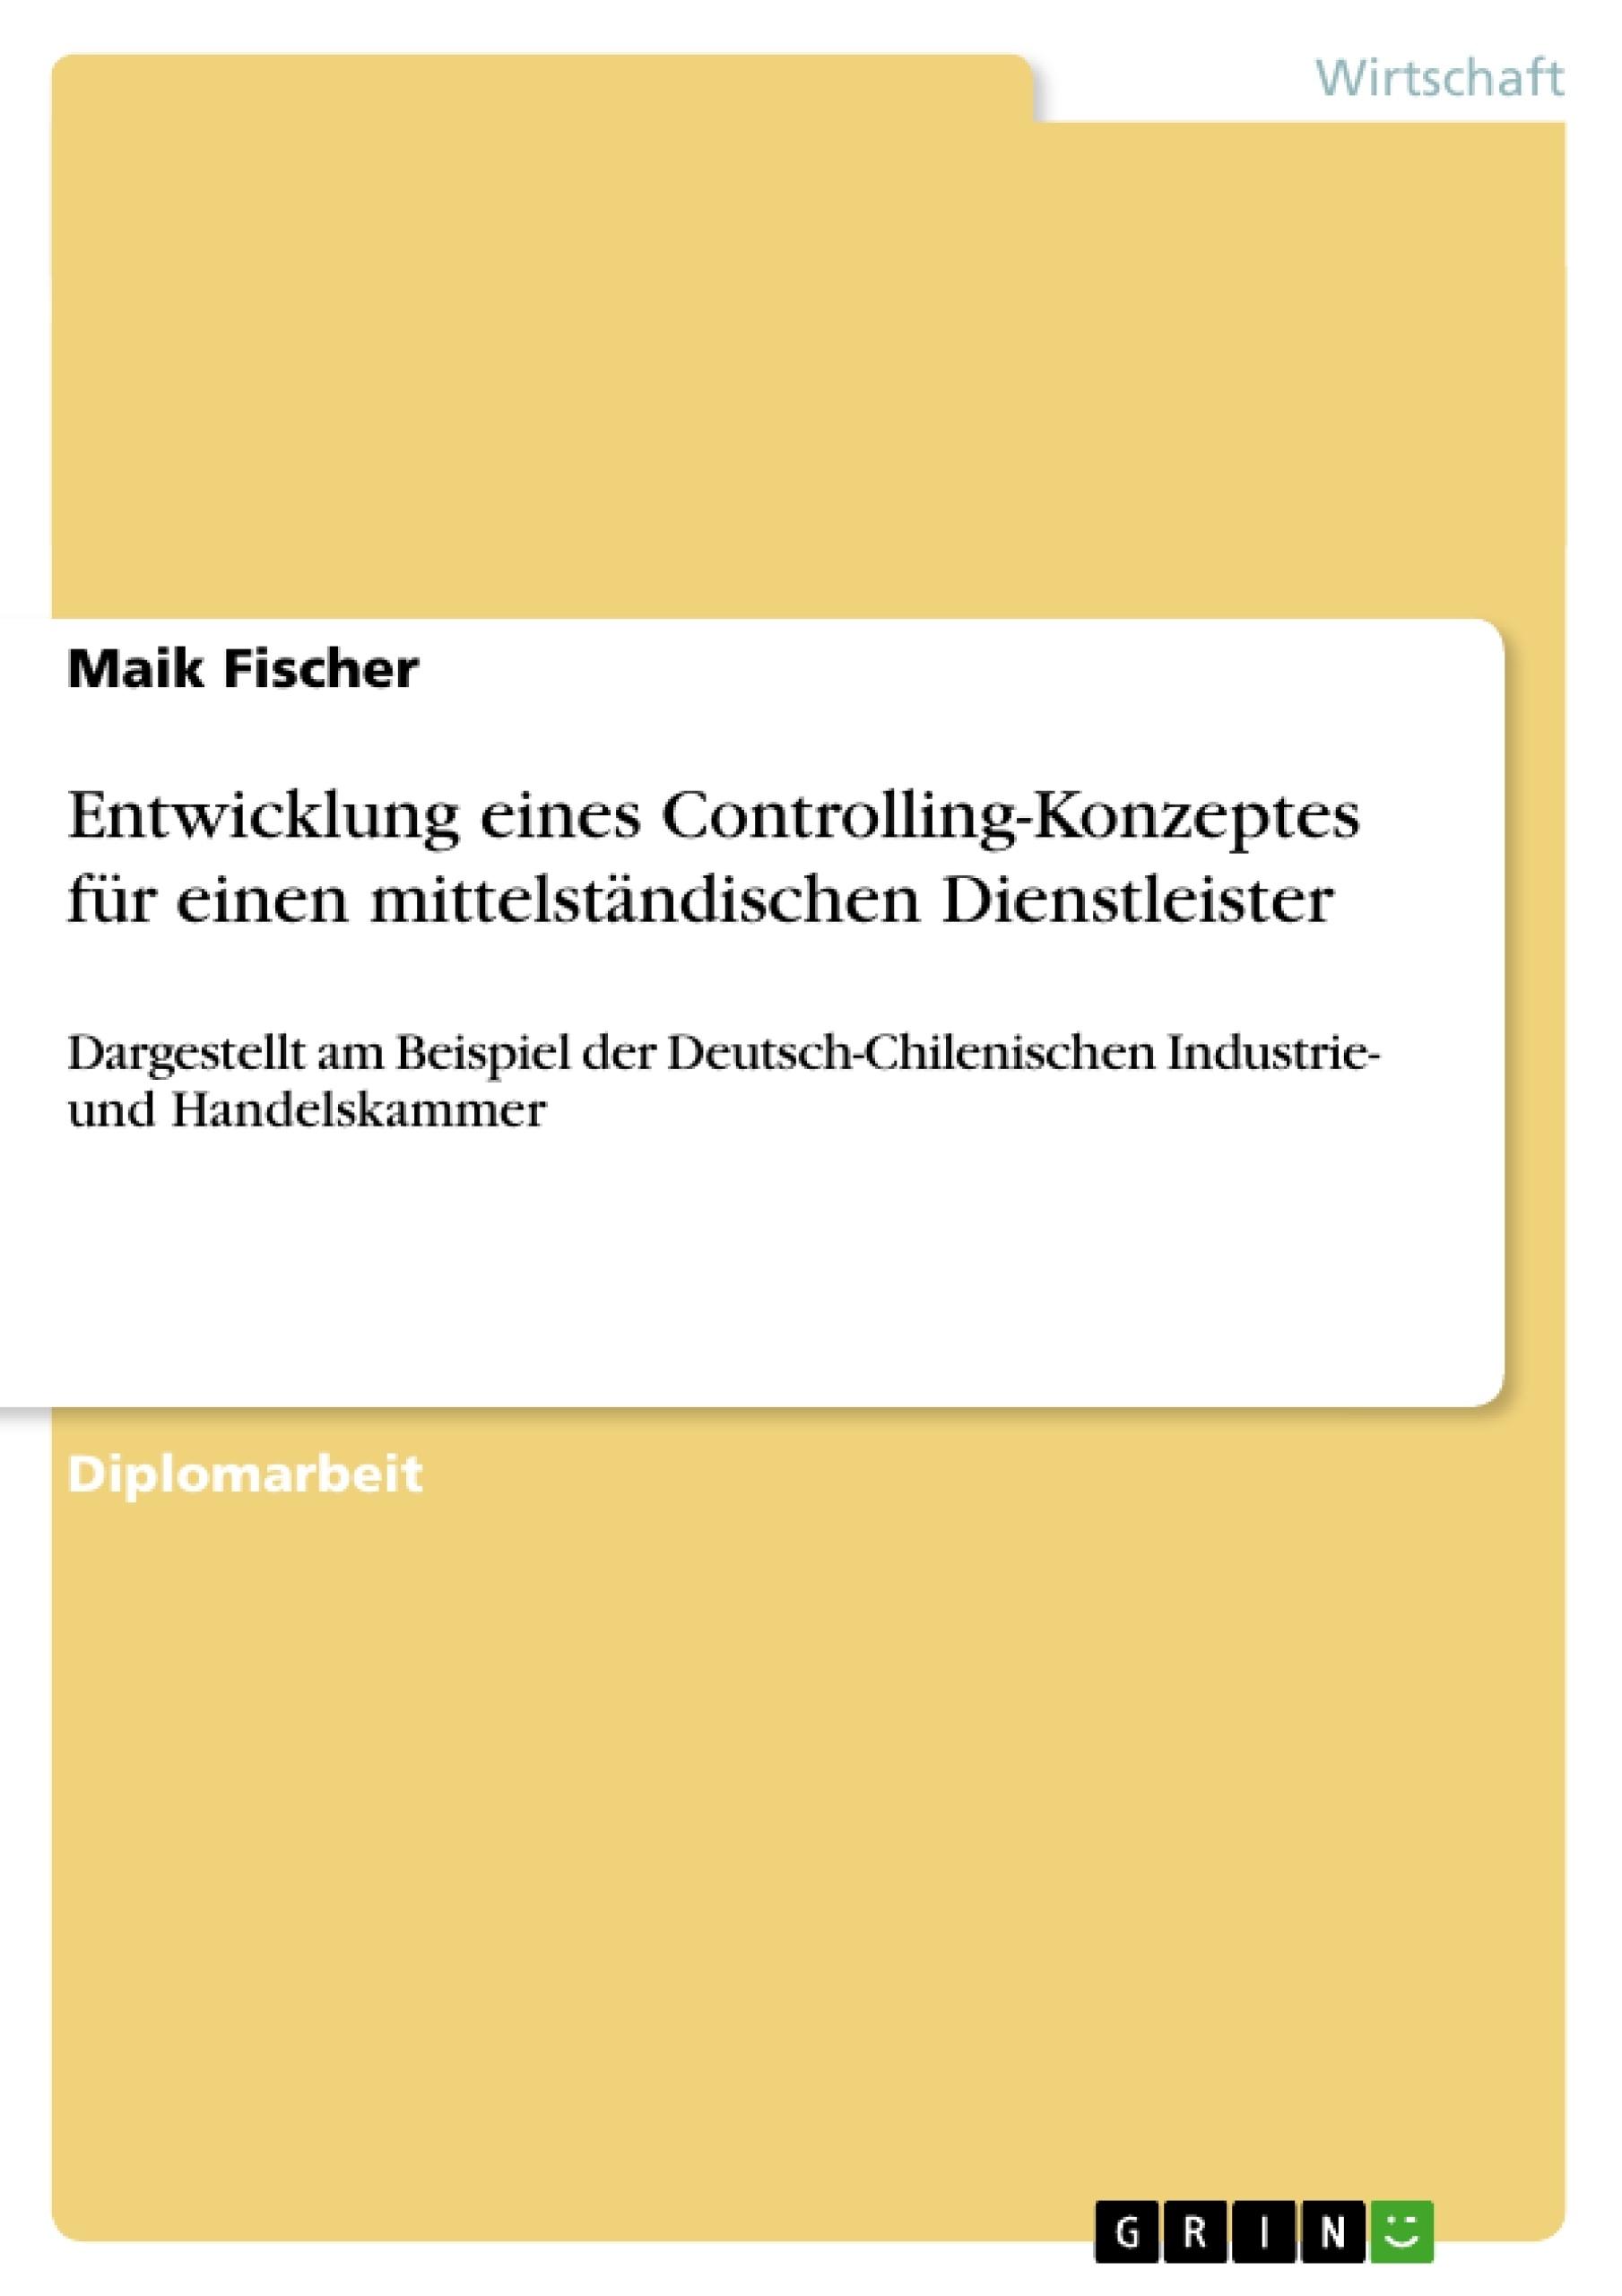 Titel: Entwicklung eines Controlling-Konzeptes für einen mittelständischen Dienstleister